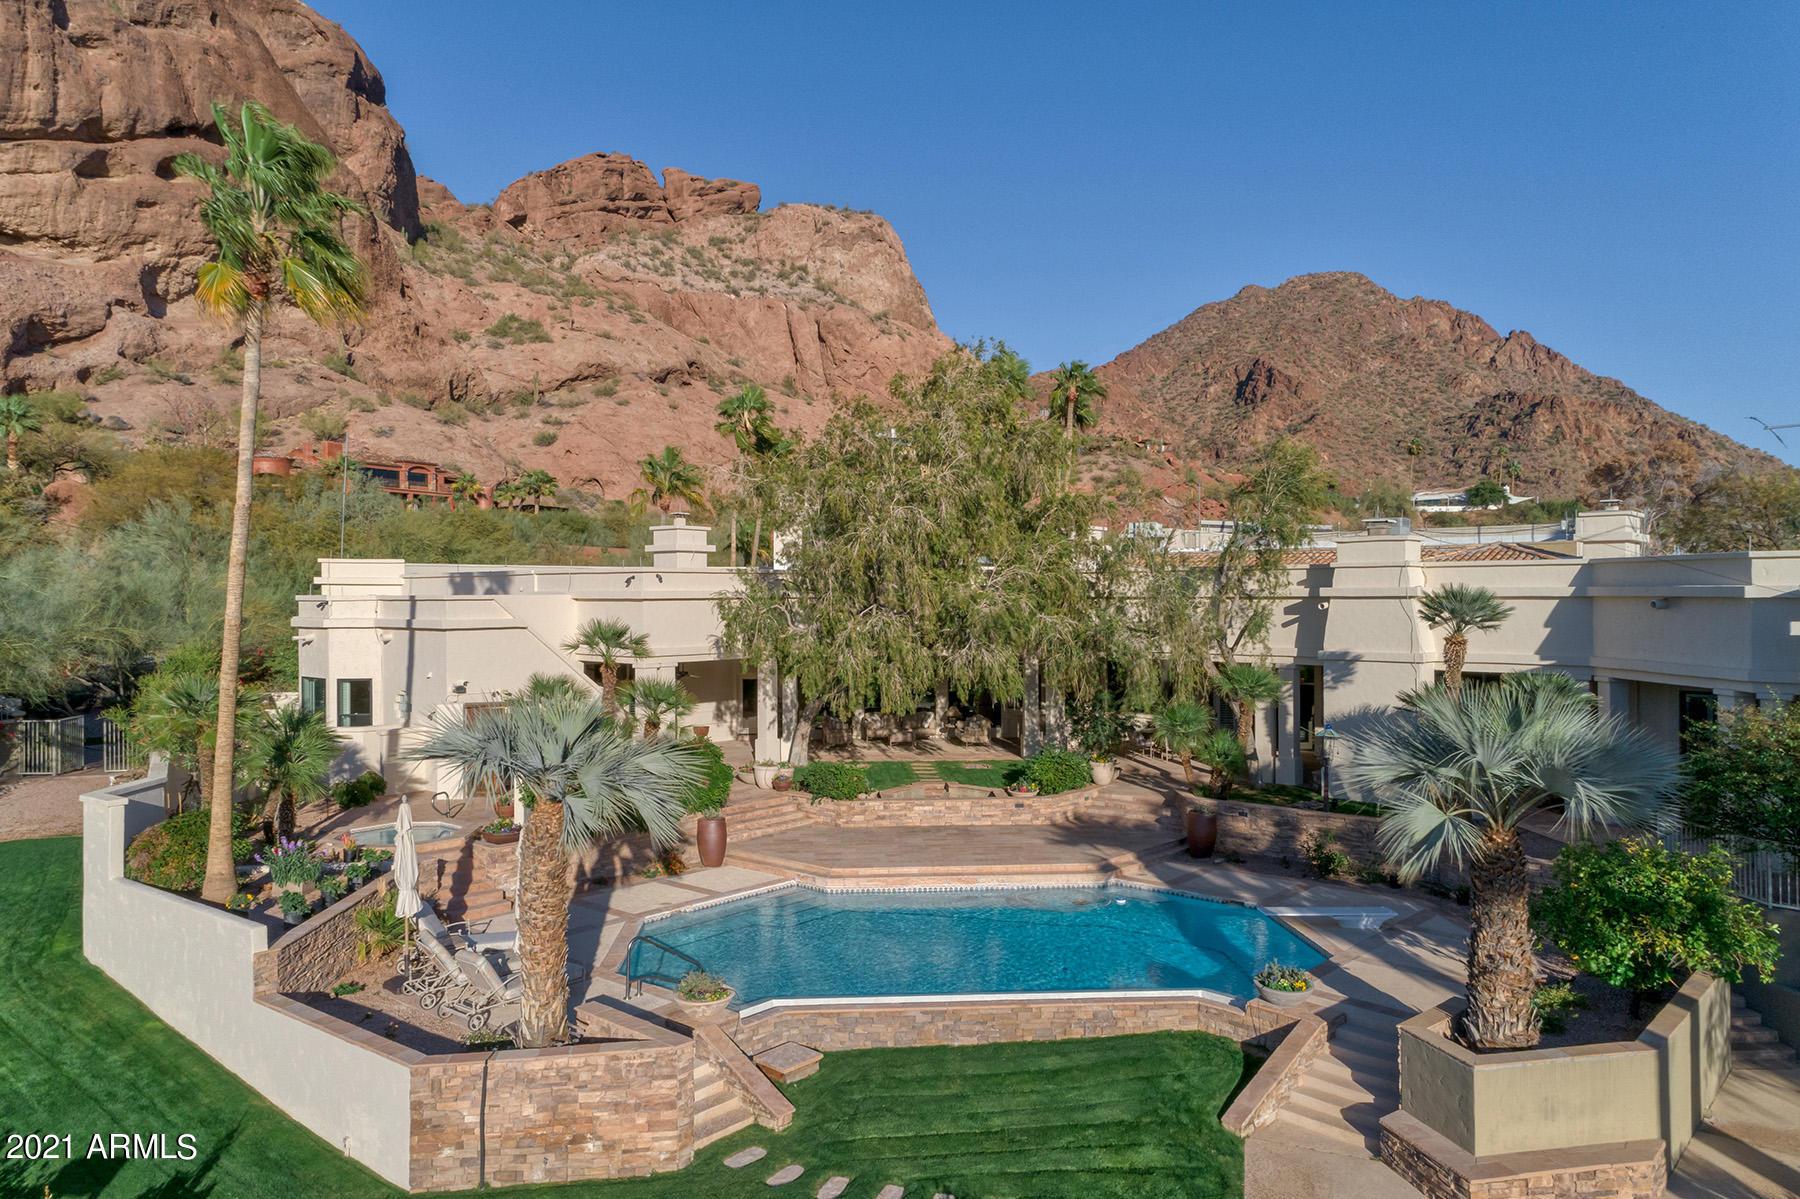 MLS 6195064 5255 N 47TH Street, Phoenix, AZ 85018 Phoenix AZ Luxury